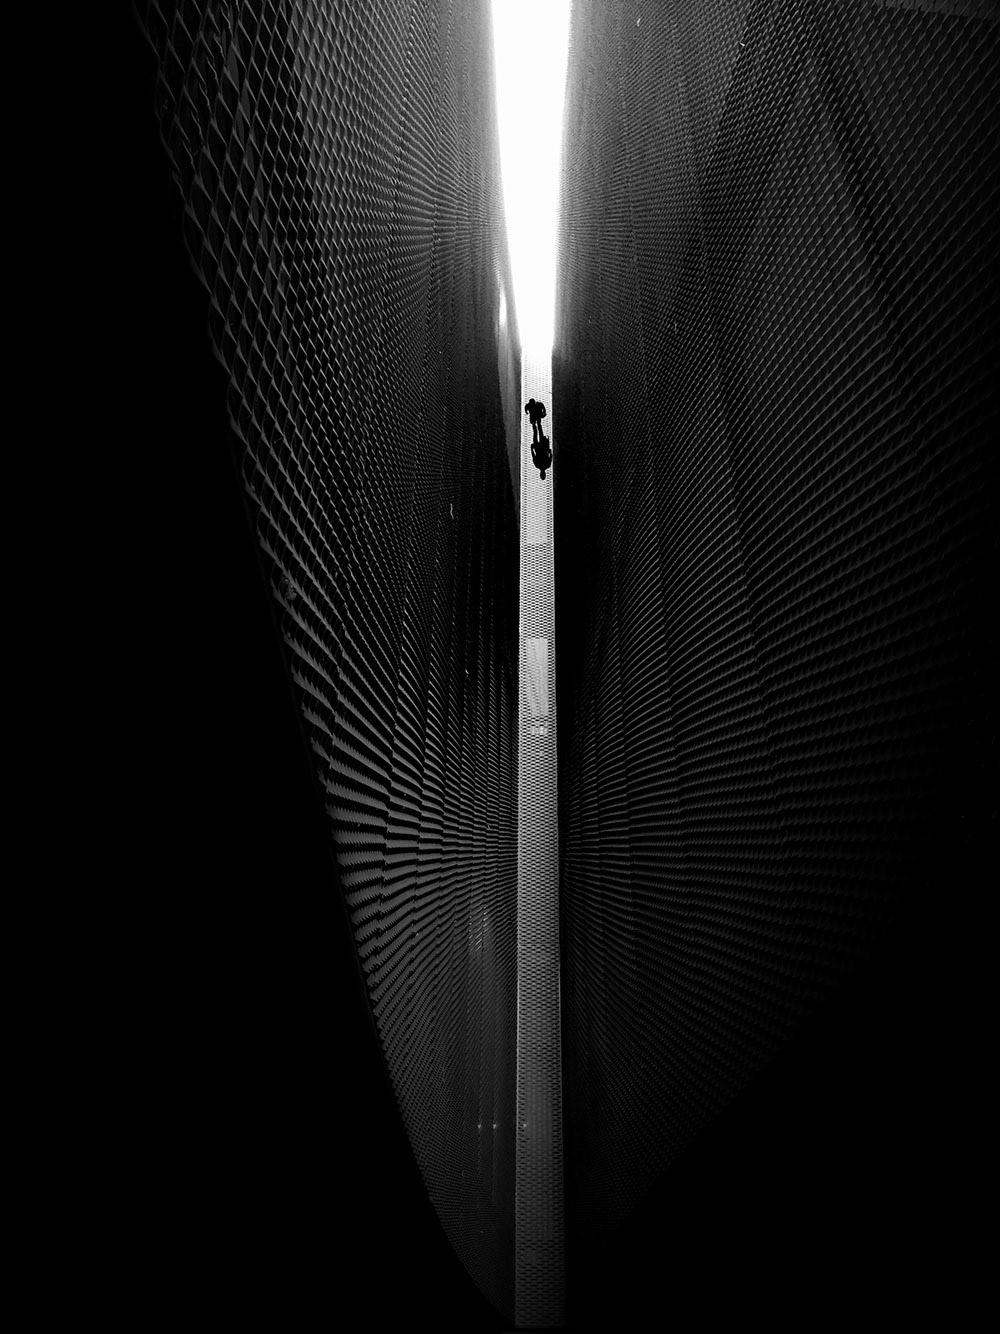 Хосе-Луис Саес / José-Luis Sáez, Победитель в категории «Чёрно-белое», Фотоконкурс Mobile Photography Awards